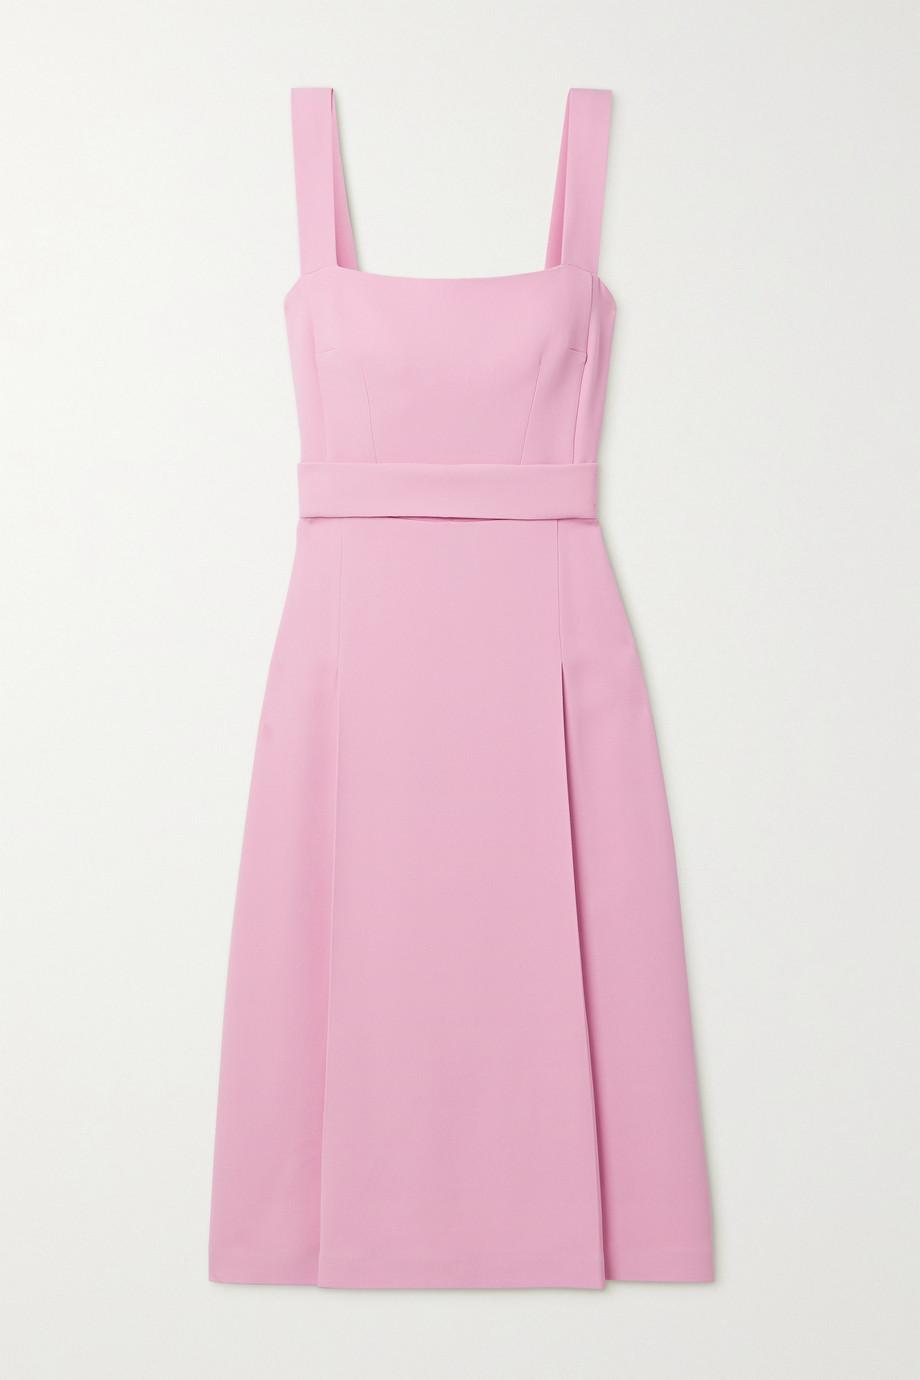 Dolce & Gabbana Cady dress